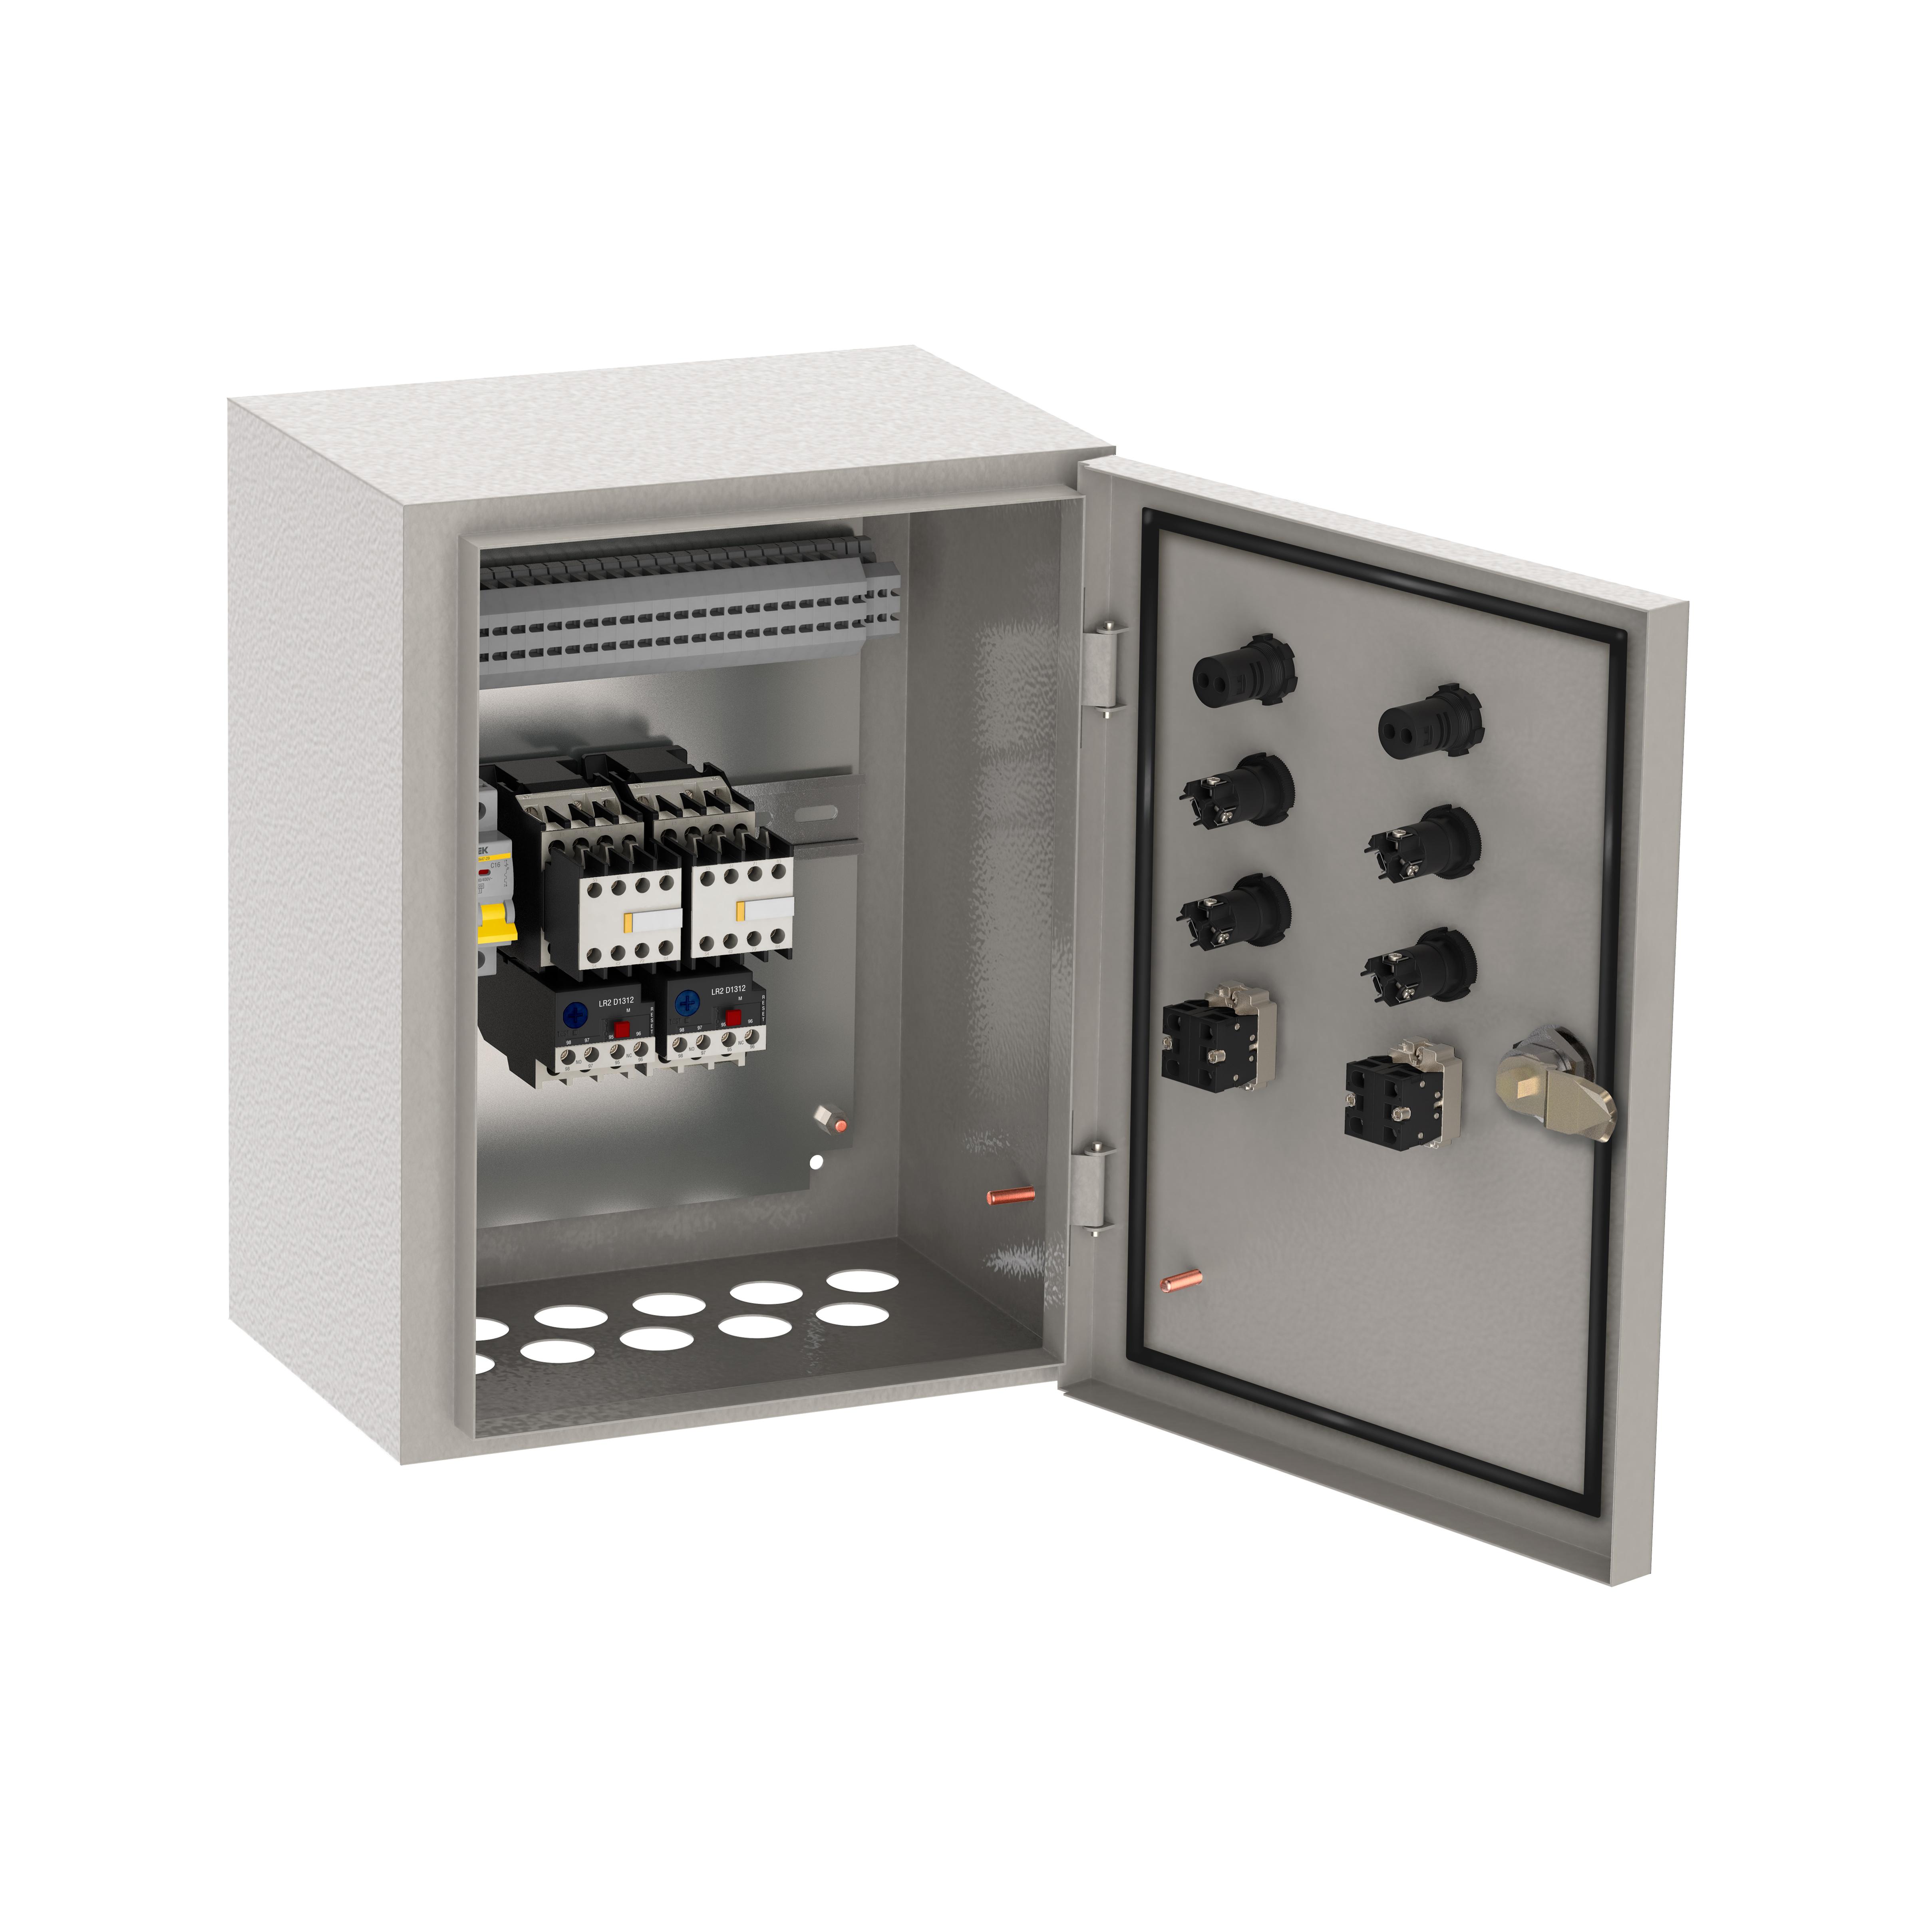 Ящик управления РУСМ5119-3074 нереверсивный 3 фидера автоматический выключатель на каждый фидер с переключателем на автоматический режим 10А IP54 IEK